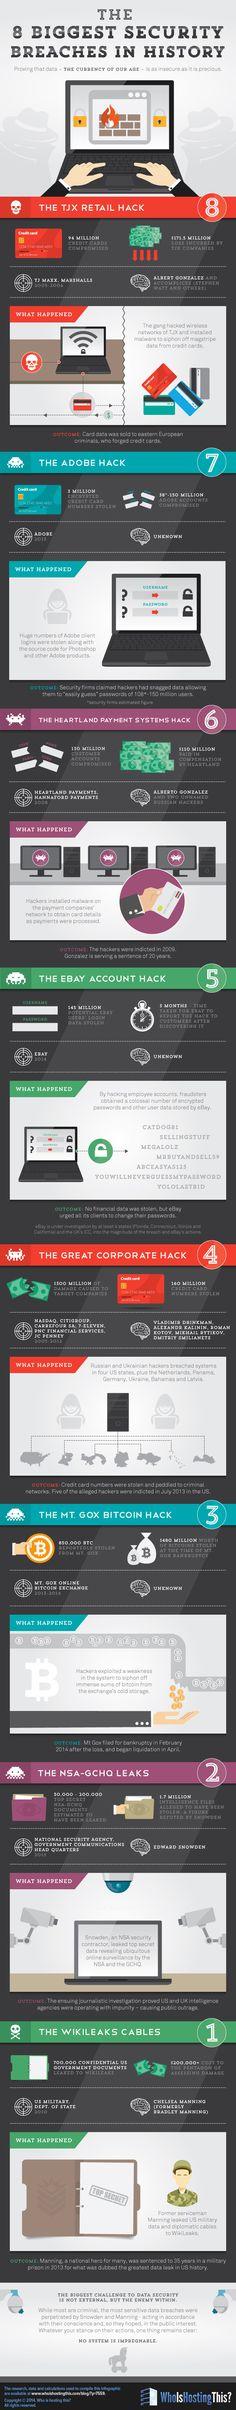 8 of the biggest data breaches    Las 8 peores brechas en seguridad informática de las empresas